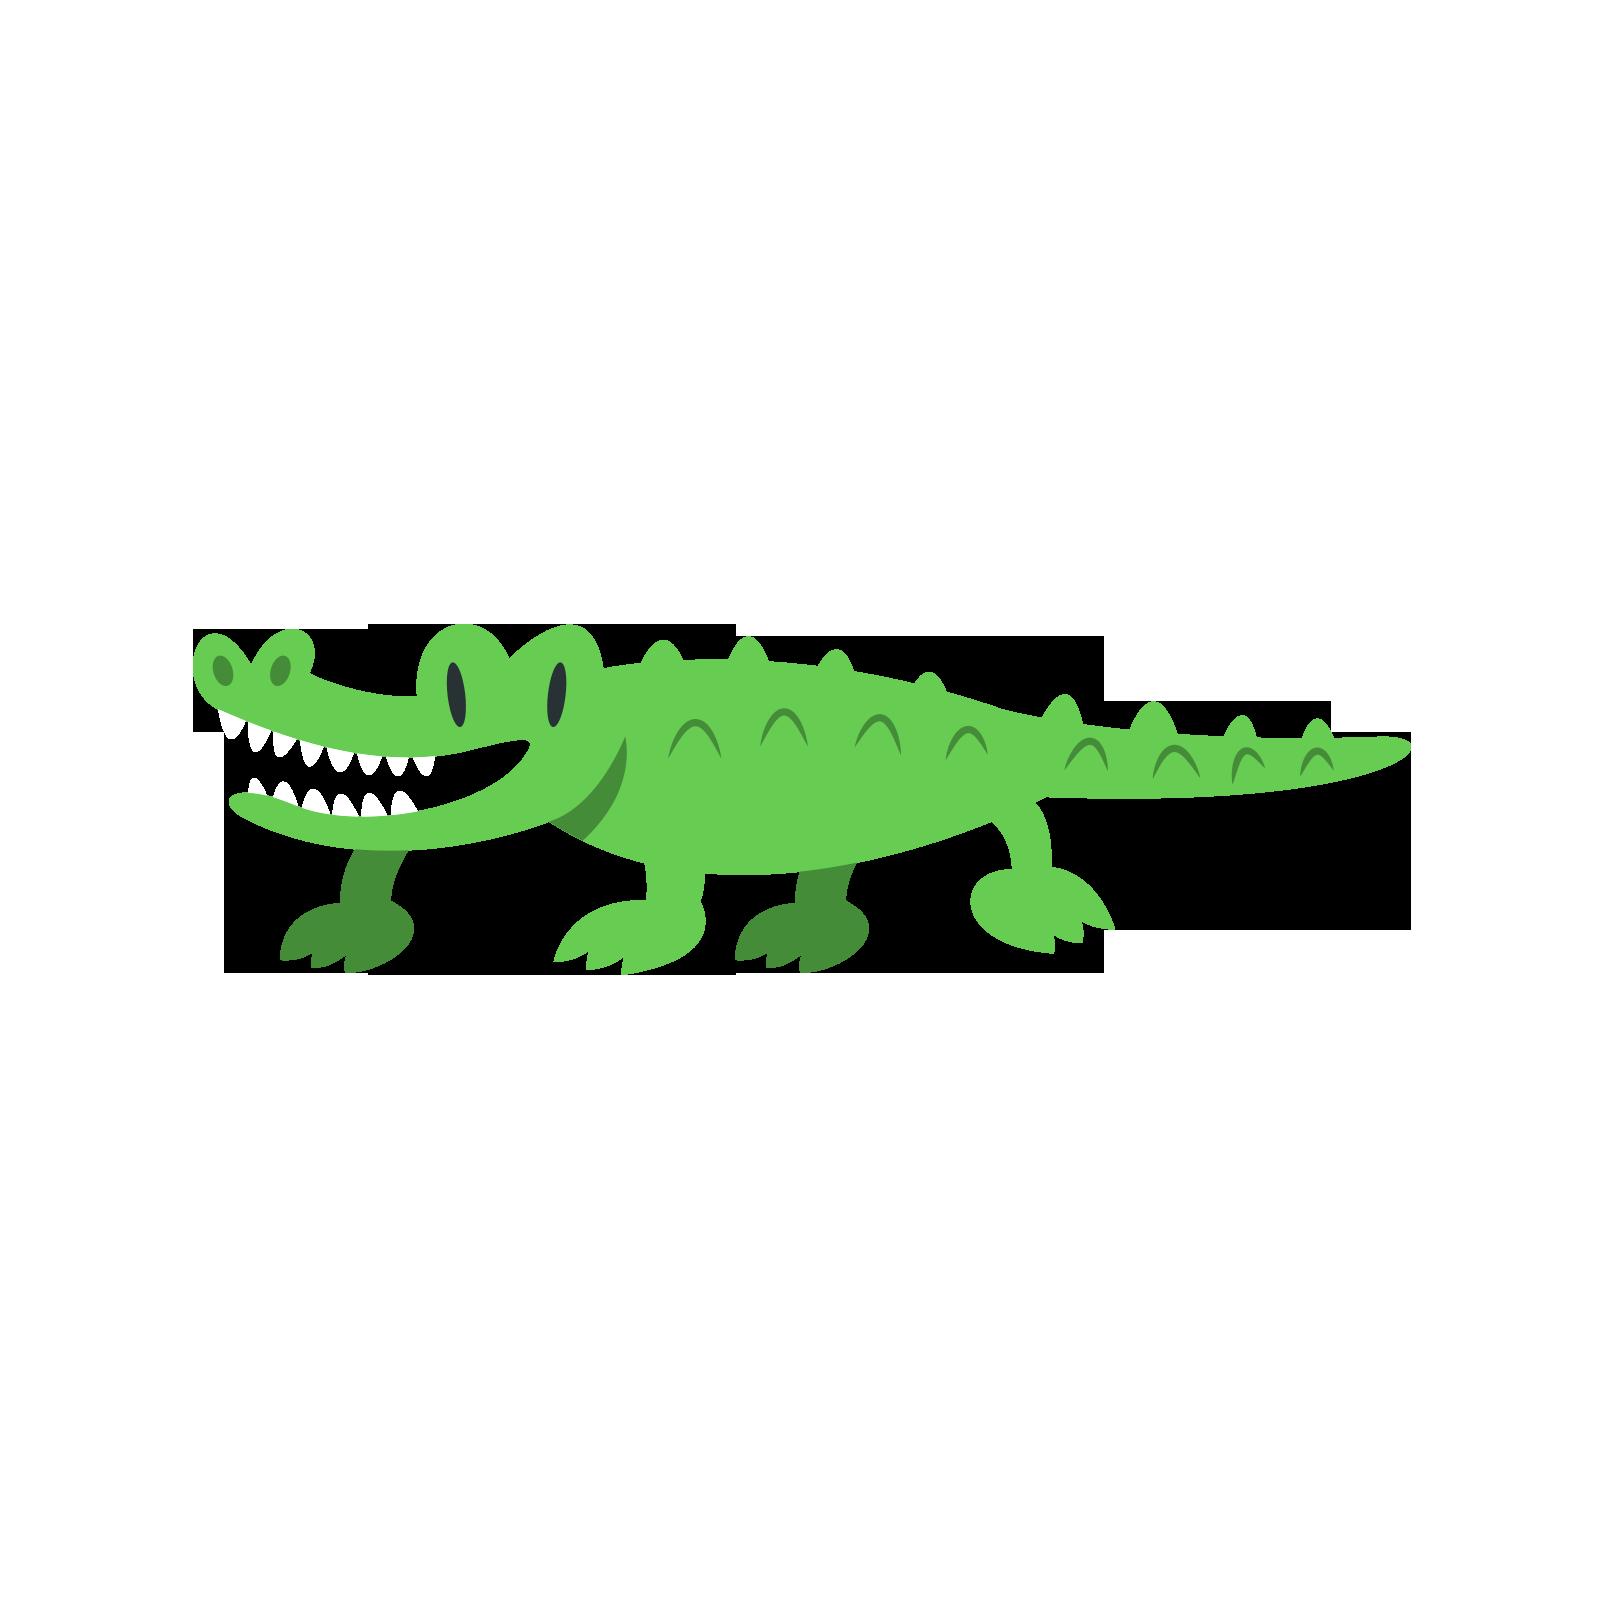 Crocodiles cartoon animal clip. Pear clipart crocodile